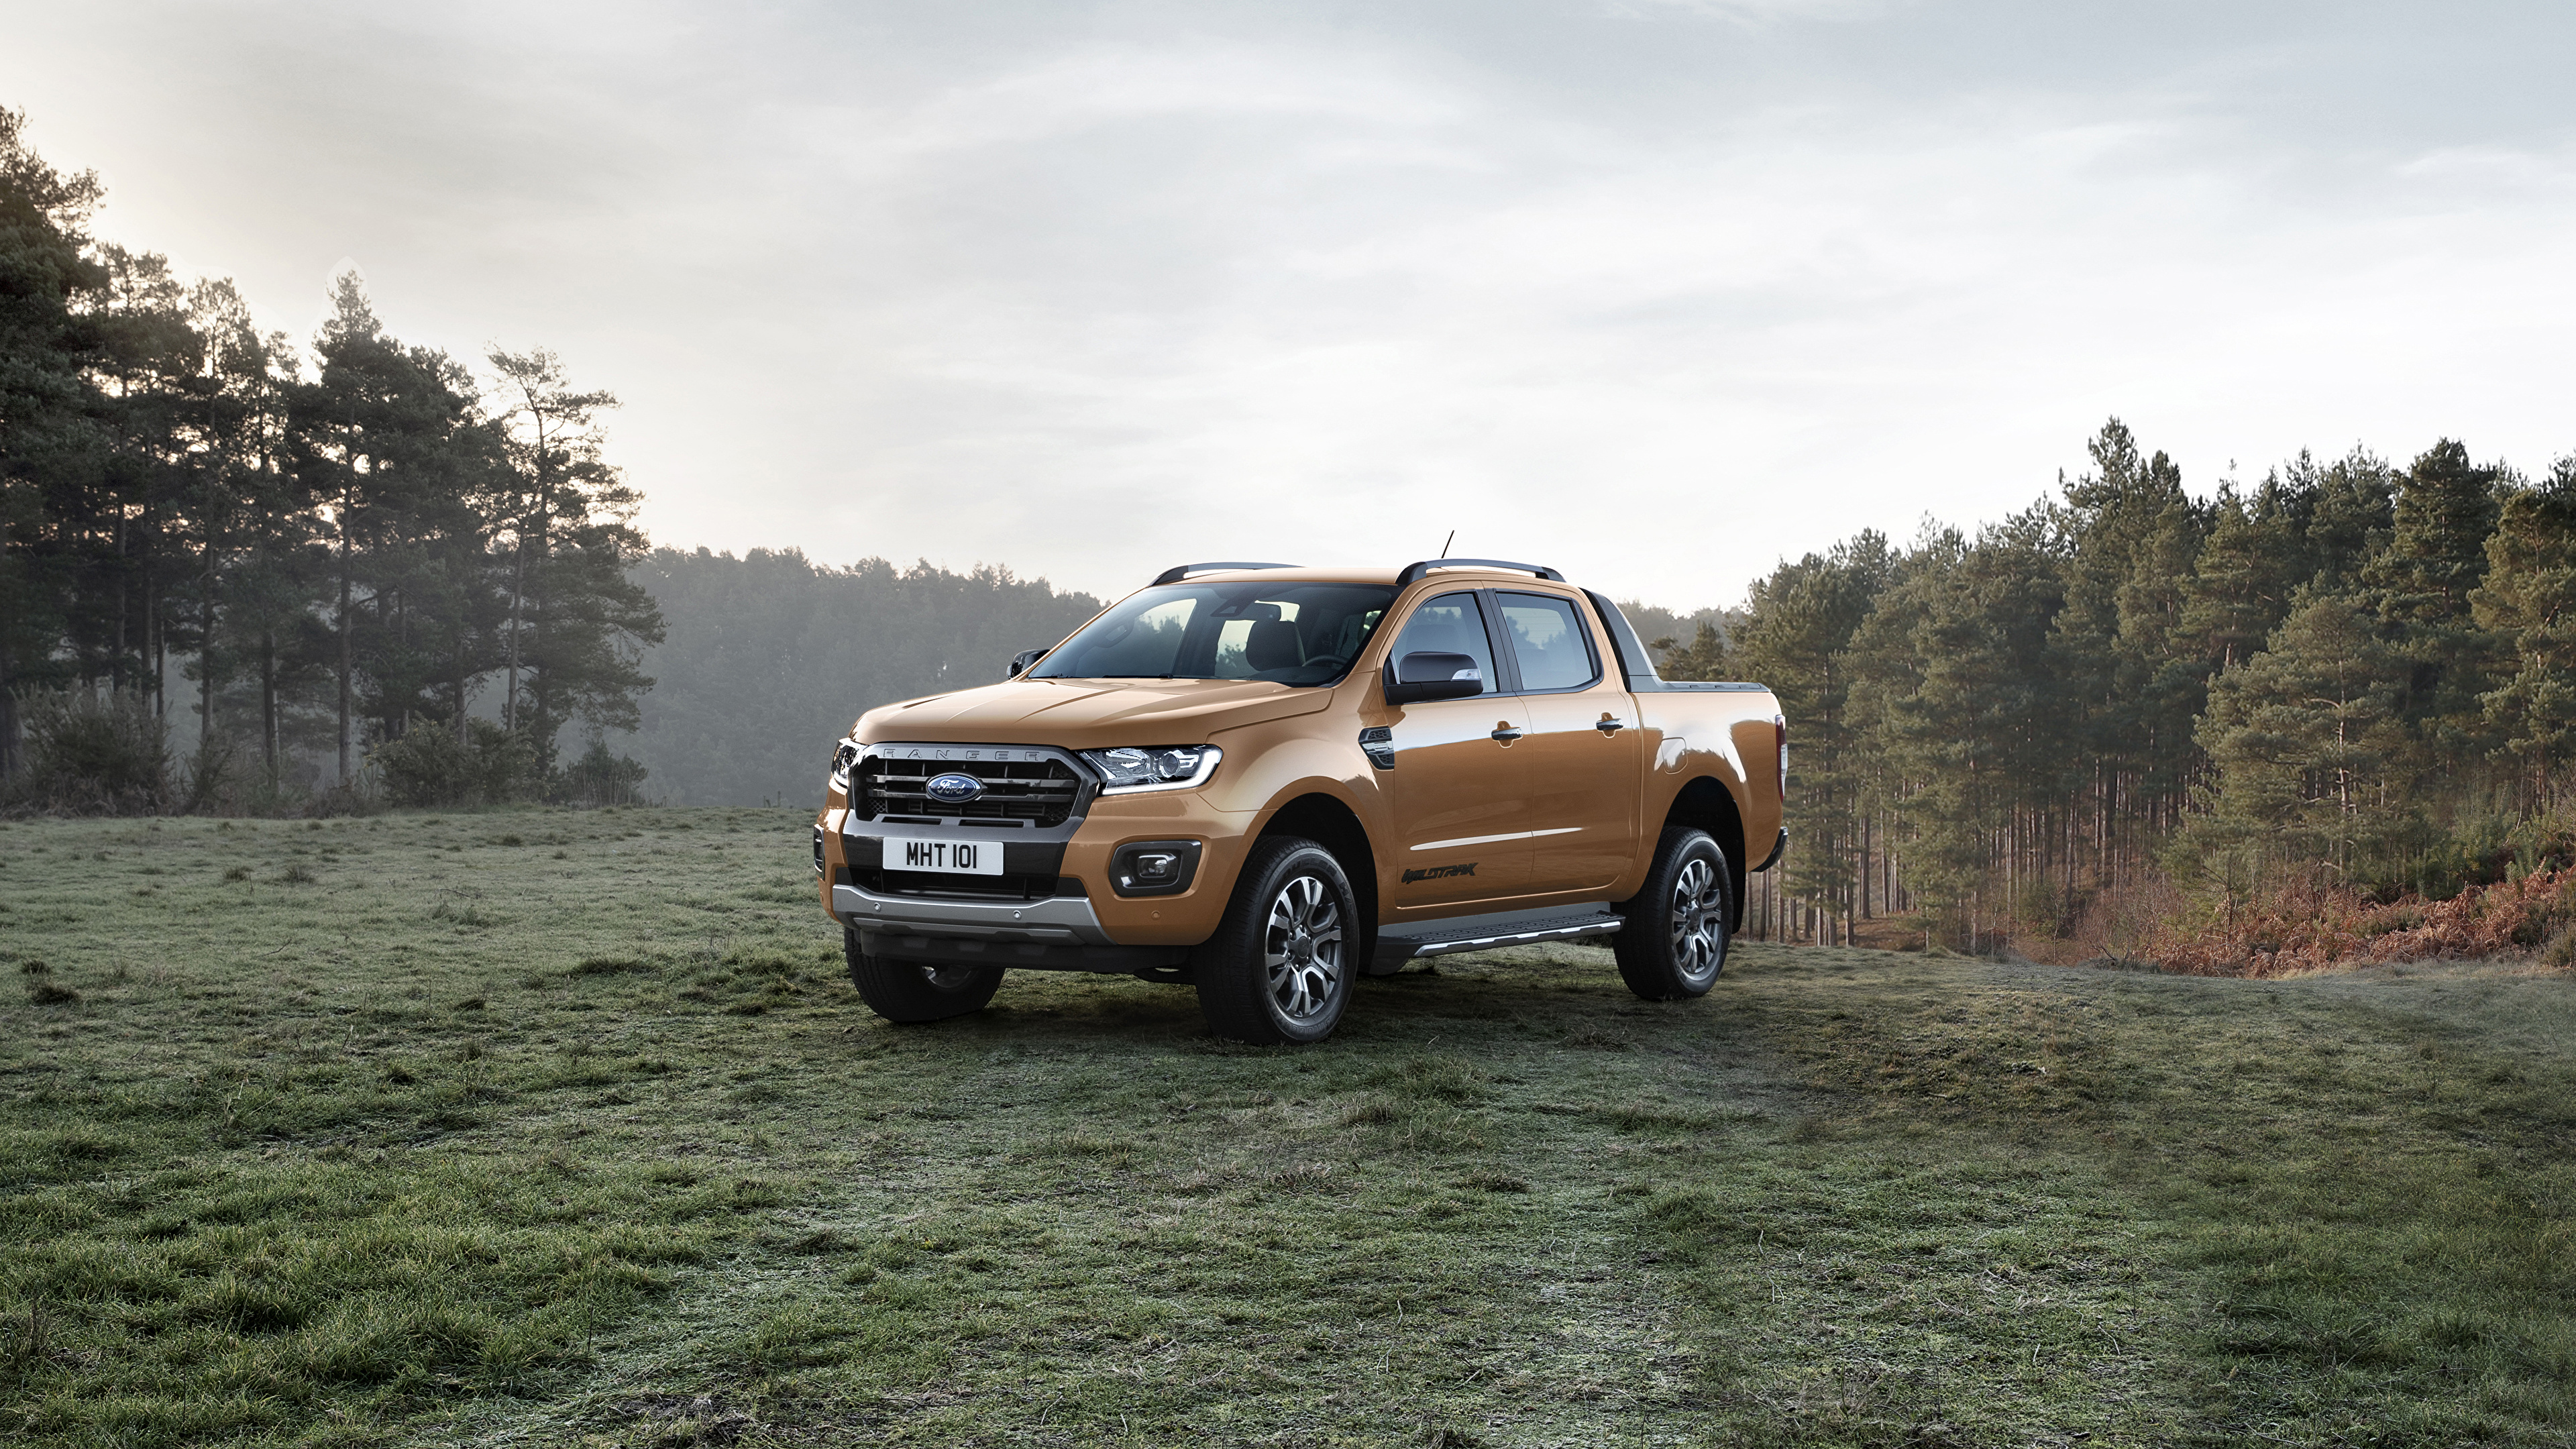 Обои для рабочего стола Форд 2019 Ranger Wildtrak Пикап кузов Металлик Автомобили 3840x2160 Ford авто машина машины автомобиль